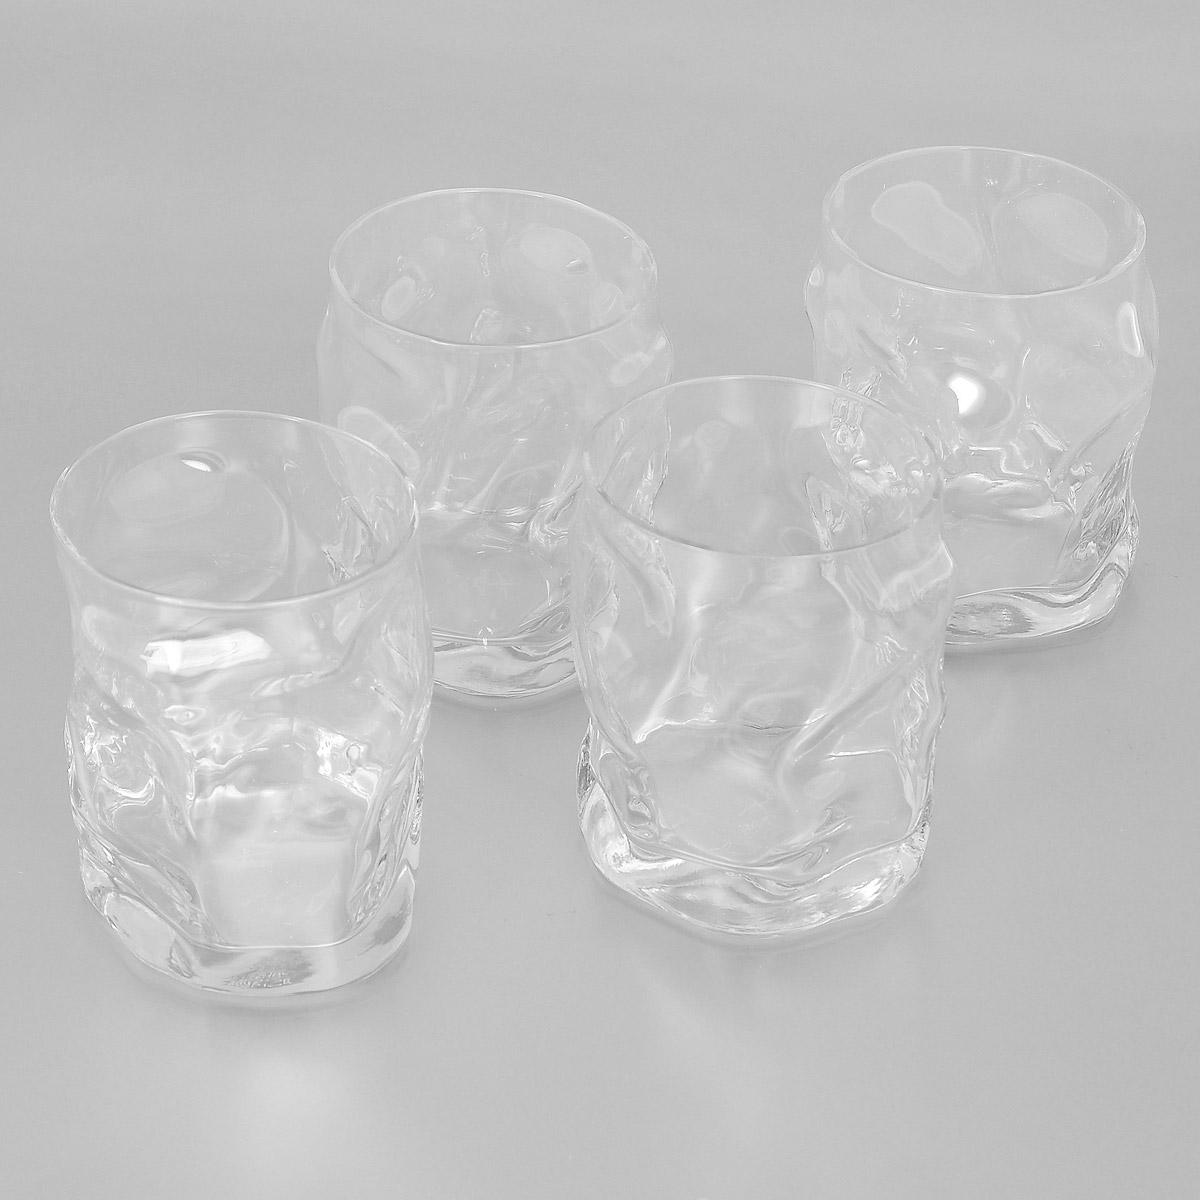 Набор стаканов Bormioli Rocco Sorgente, 420 мл, 4 штVT-1520(SR)Набор Bormioli Rocco Sorgente, выполненный из стекла, состоит из 4 низких стаканов. Стаканы предназначены для подачи холодных напитков. Изделия имеют оригинальный дизайн, который поможет украсить любой праздничный стол. Благодаря такому набору пить напитки будет еще вкуснее.Стаканы Bormioli Rocco Sorgente станут отличным подарком к любому празднику. С 1825 года компания Bormioli Rocco производит высококачественную посуду из стекла. На сегодняшний день это мировой лидер на рынке производства стеклянных изделий. Ассортимент, предлагаемый Bormioli Rocco необычайно широк - это бокалы, фужеры, рюмки, графины, кувшины, банки для сыпучих продуктов и консервирования, тарелки, салатники, чашки, контейнеры различных емкостей, предназначенные для хранения продуктов в холодильниках и морозильных камерах и т.д. Стекло сочетает в себе передовые технологии и традиционно высокое качество.